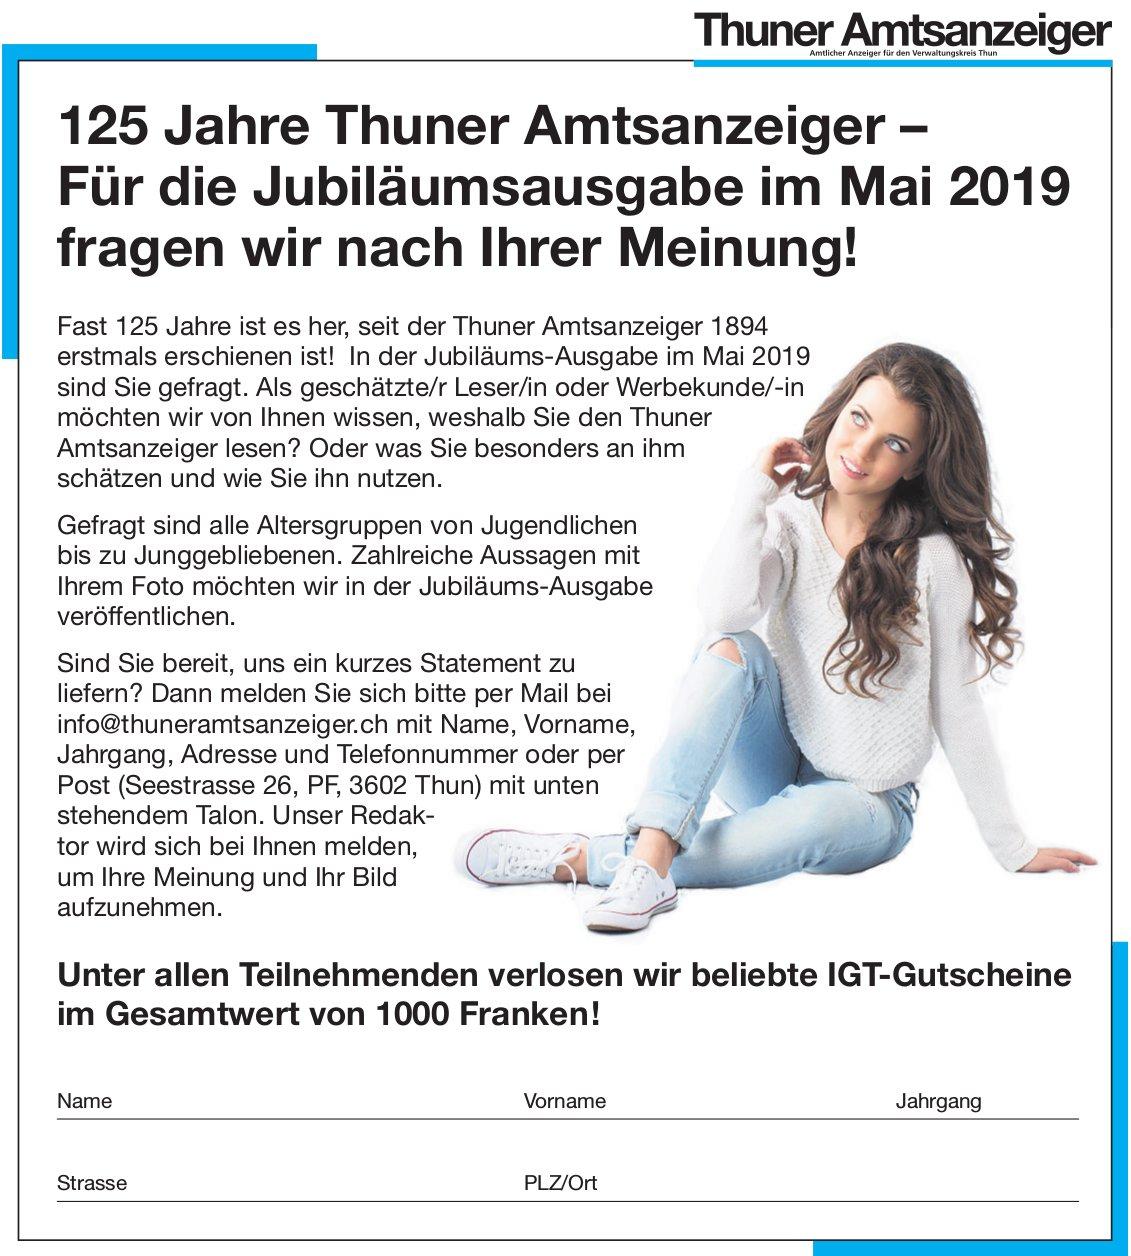 125 Jahre Thuner Amtsanzeiger – Für die Jubiläumsausgabe im Mai 2019 fragen wir nach Ihrer Meinung!